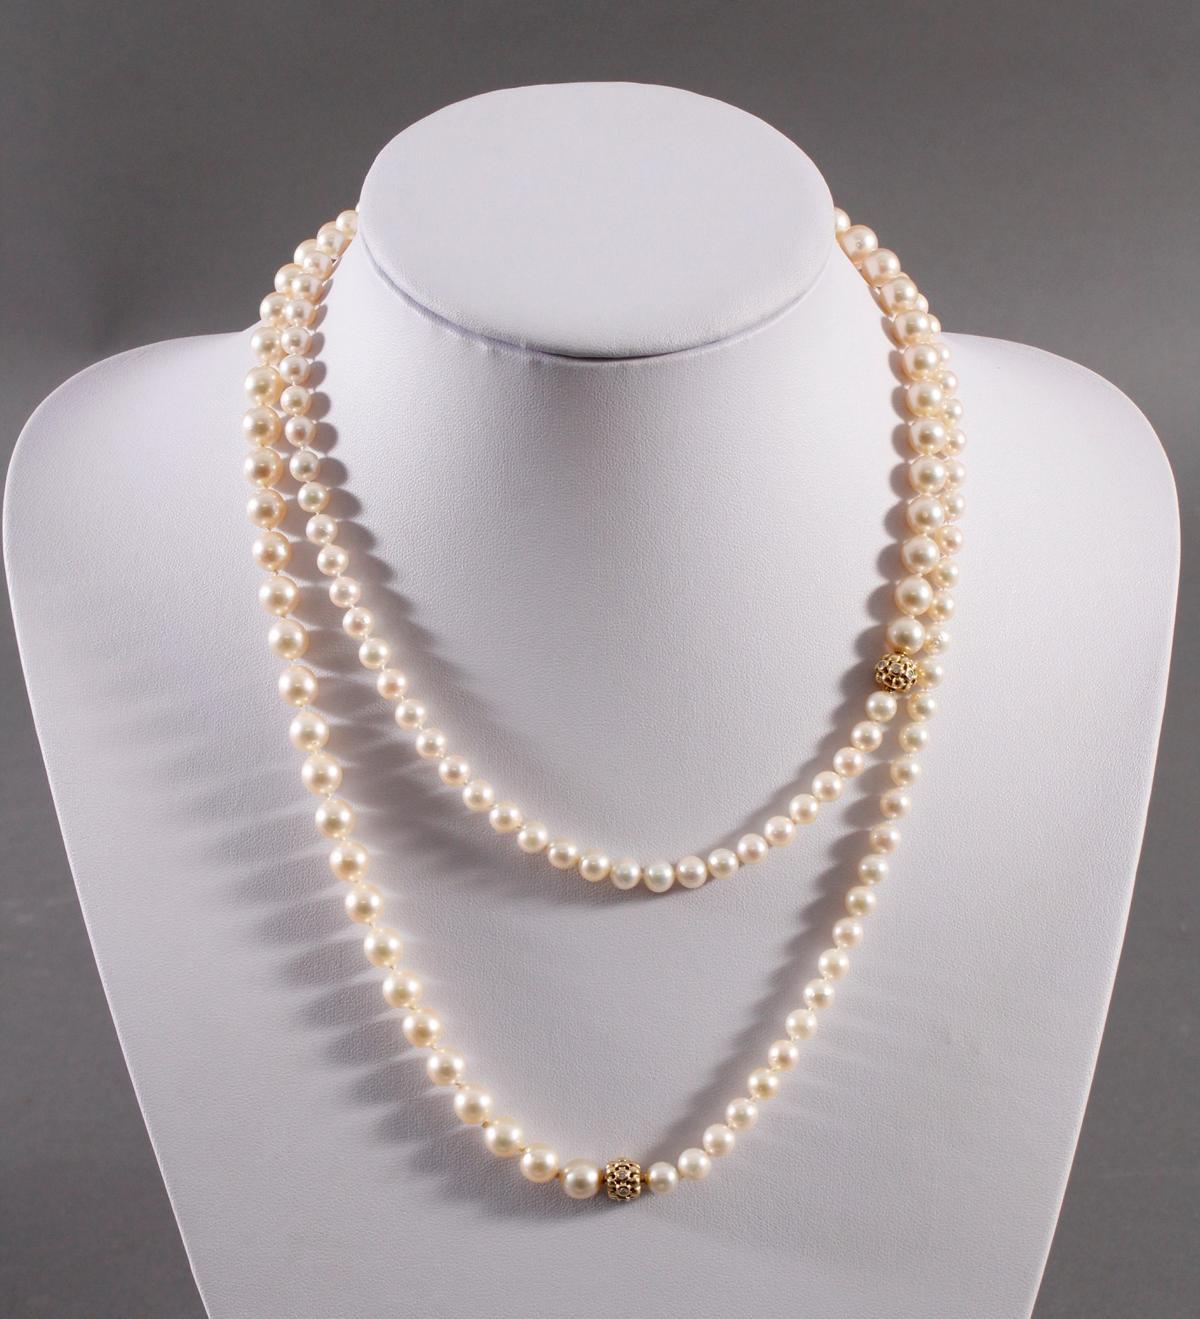 Halskette aus Perlen und Diamanten